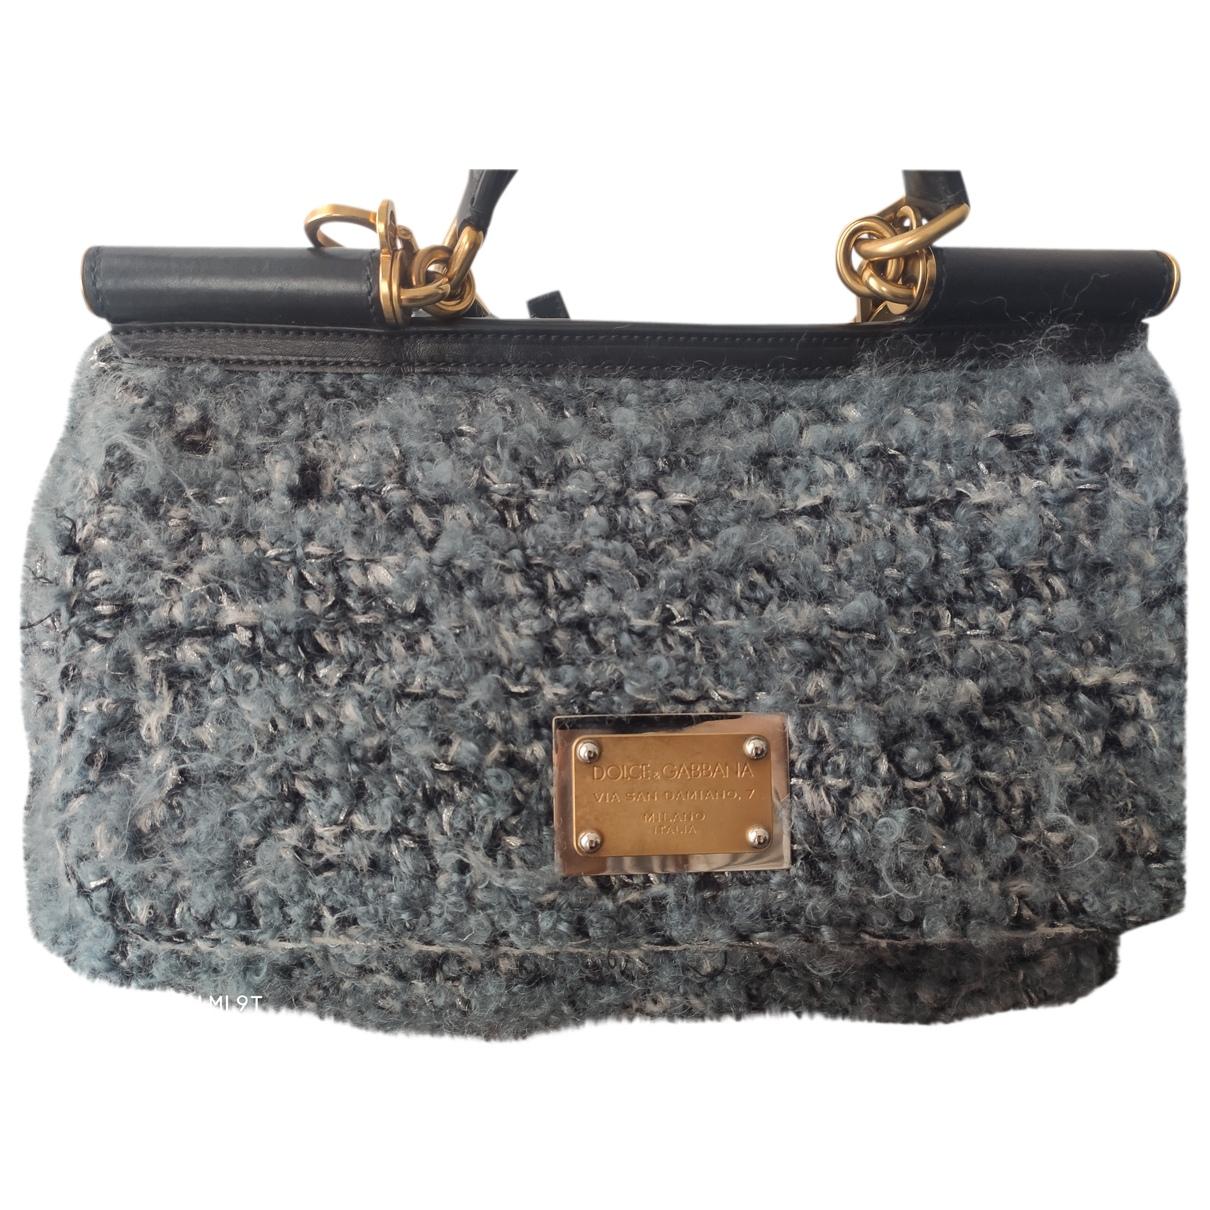 Dolce & Gabbana - Sac a main Sicily pour femme en laine - gris